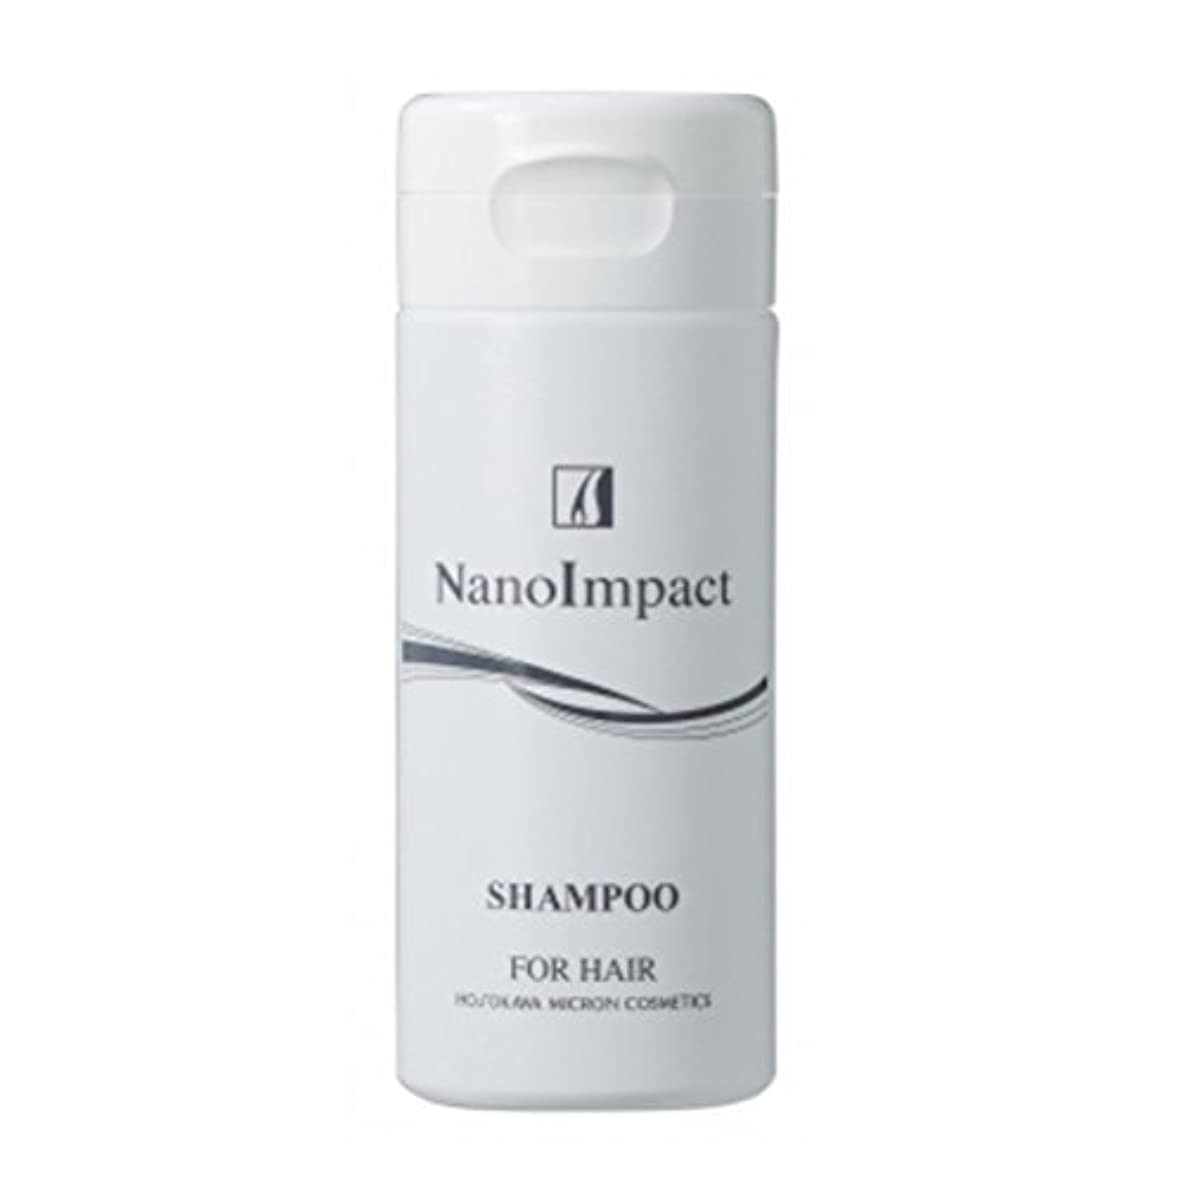 折る先例限りなくホソカワミクロン化粧品 薬用ナノインパクトシャンプー<150g> 【医薬部外品/薬用シャンプー】